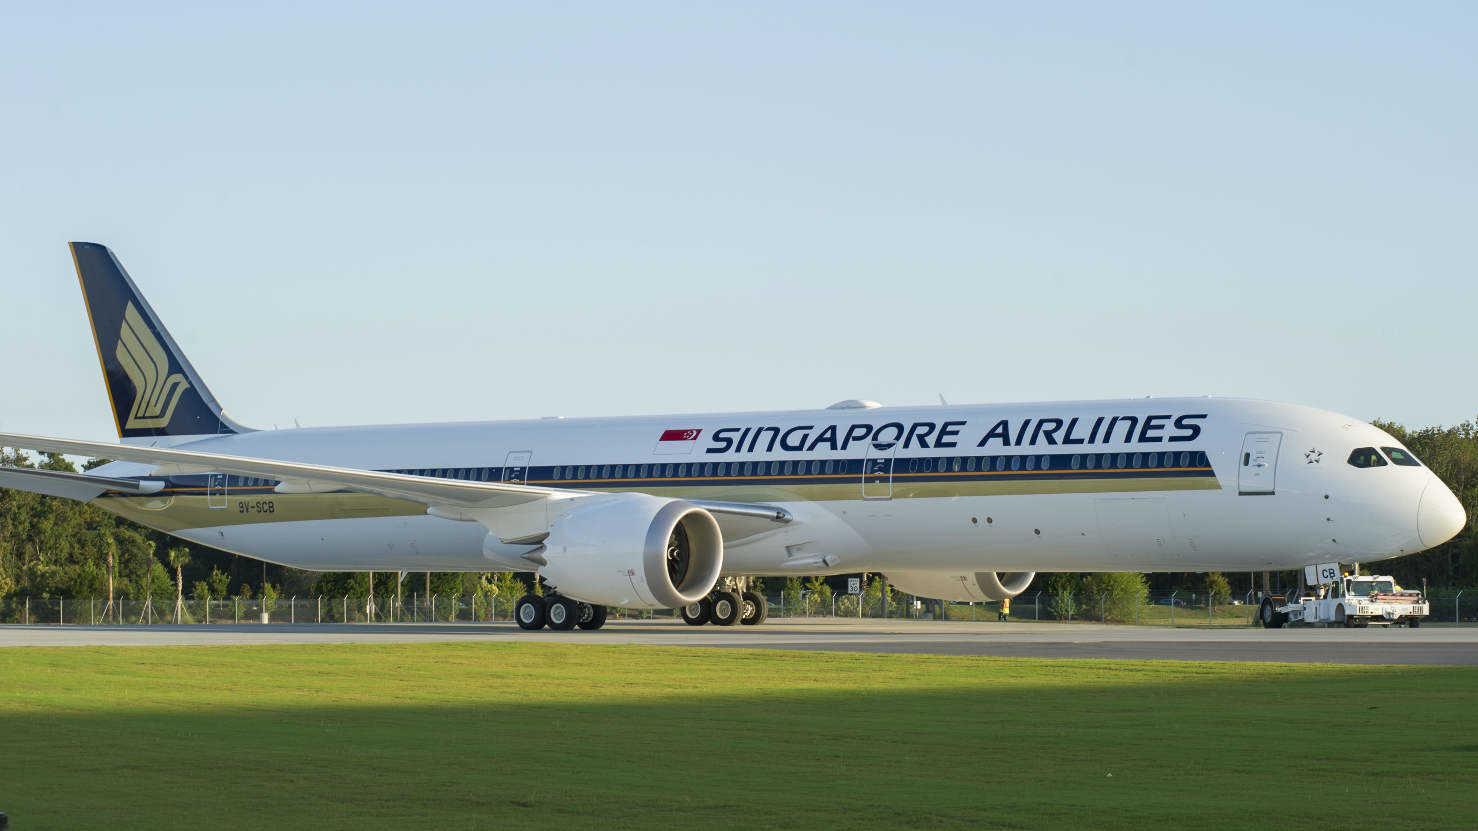 Singapore Airlines lève 2 milliards de dollars singapouriens supplémentaires